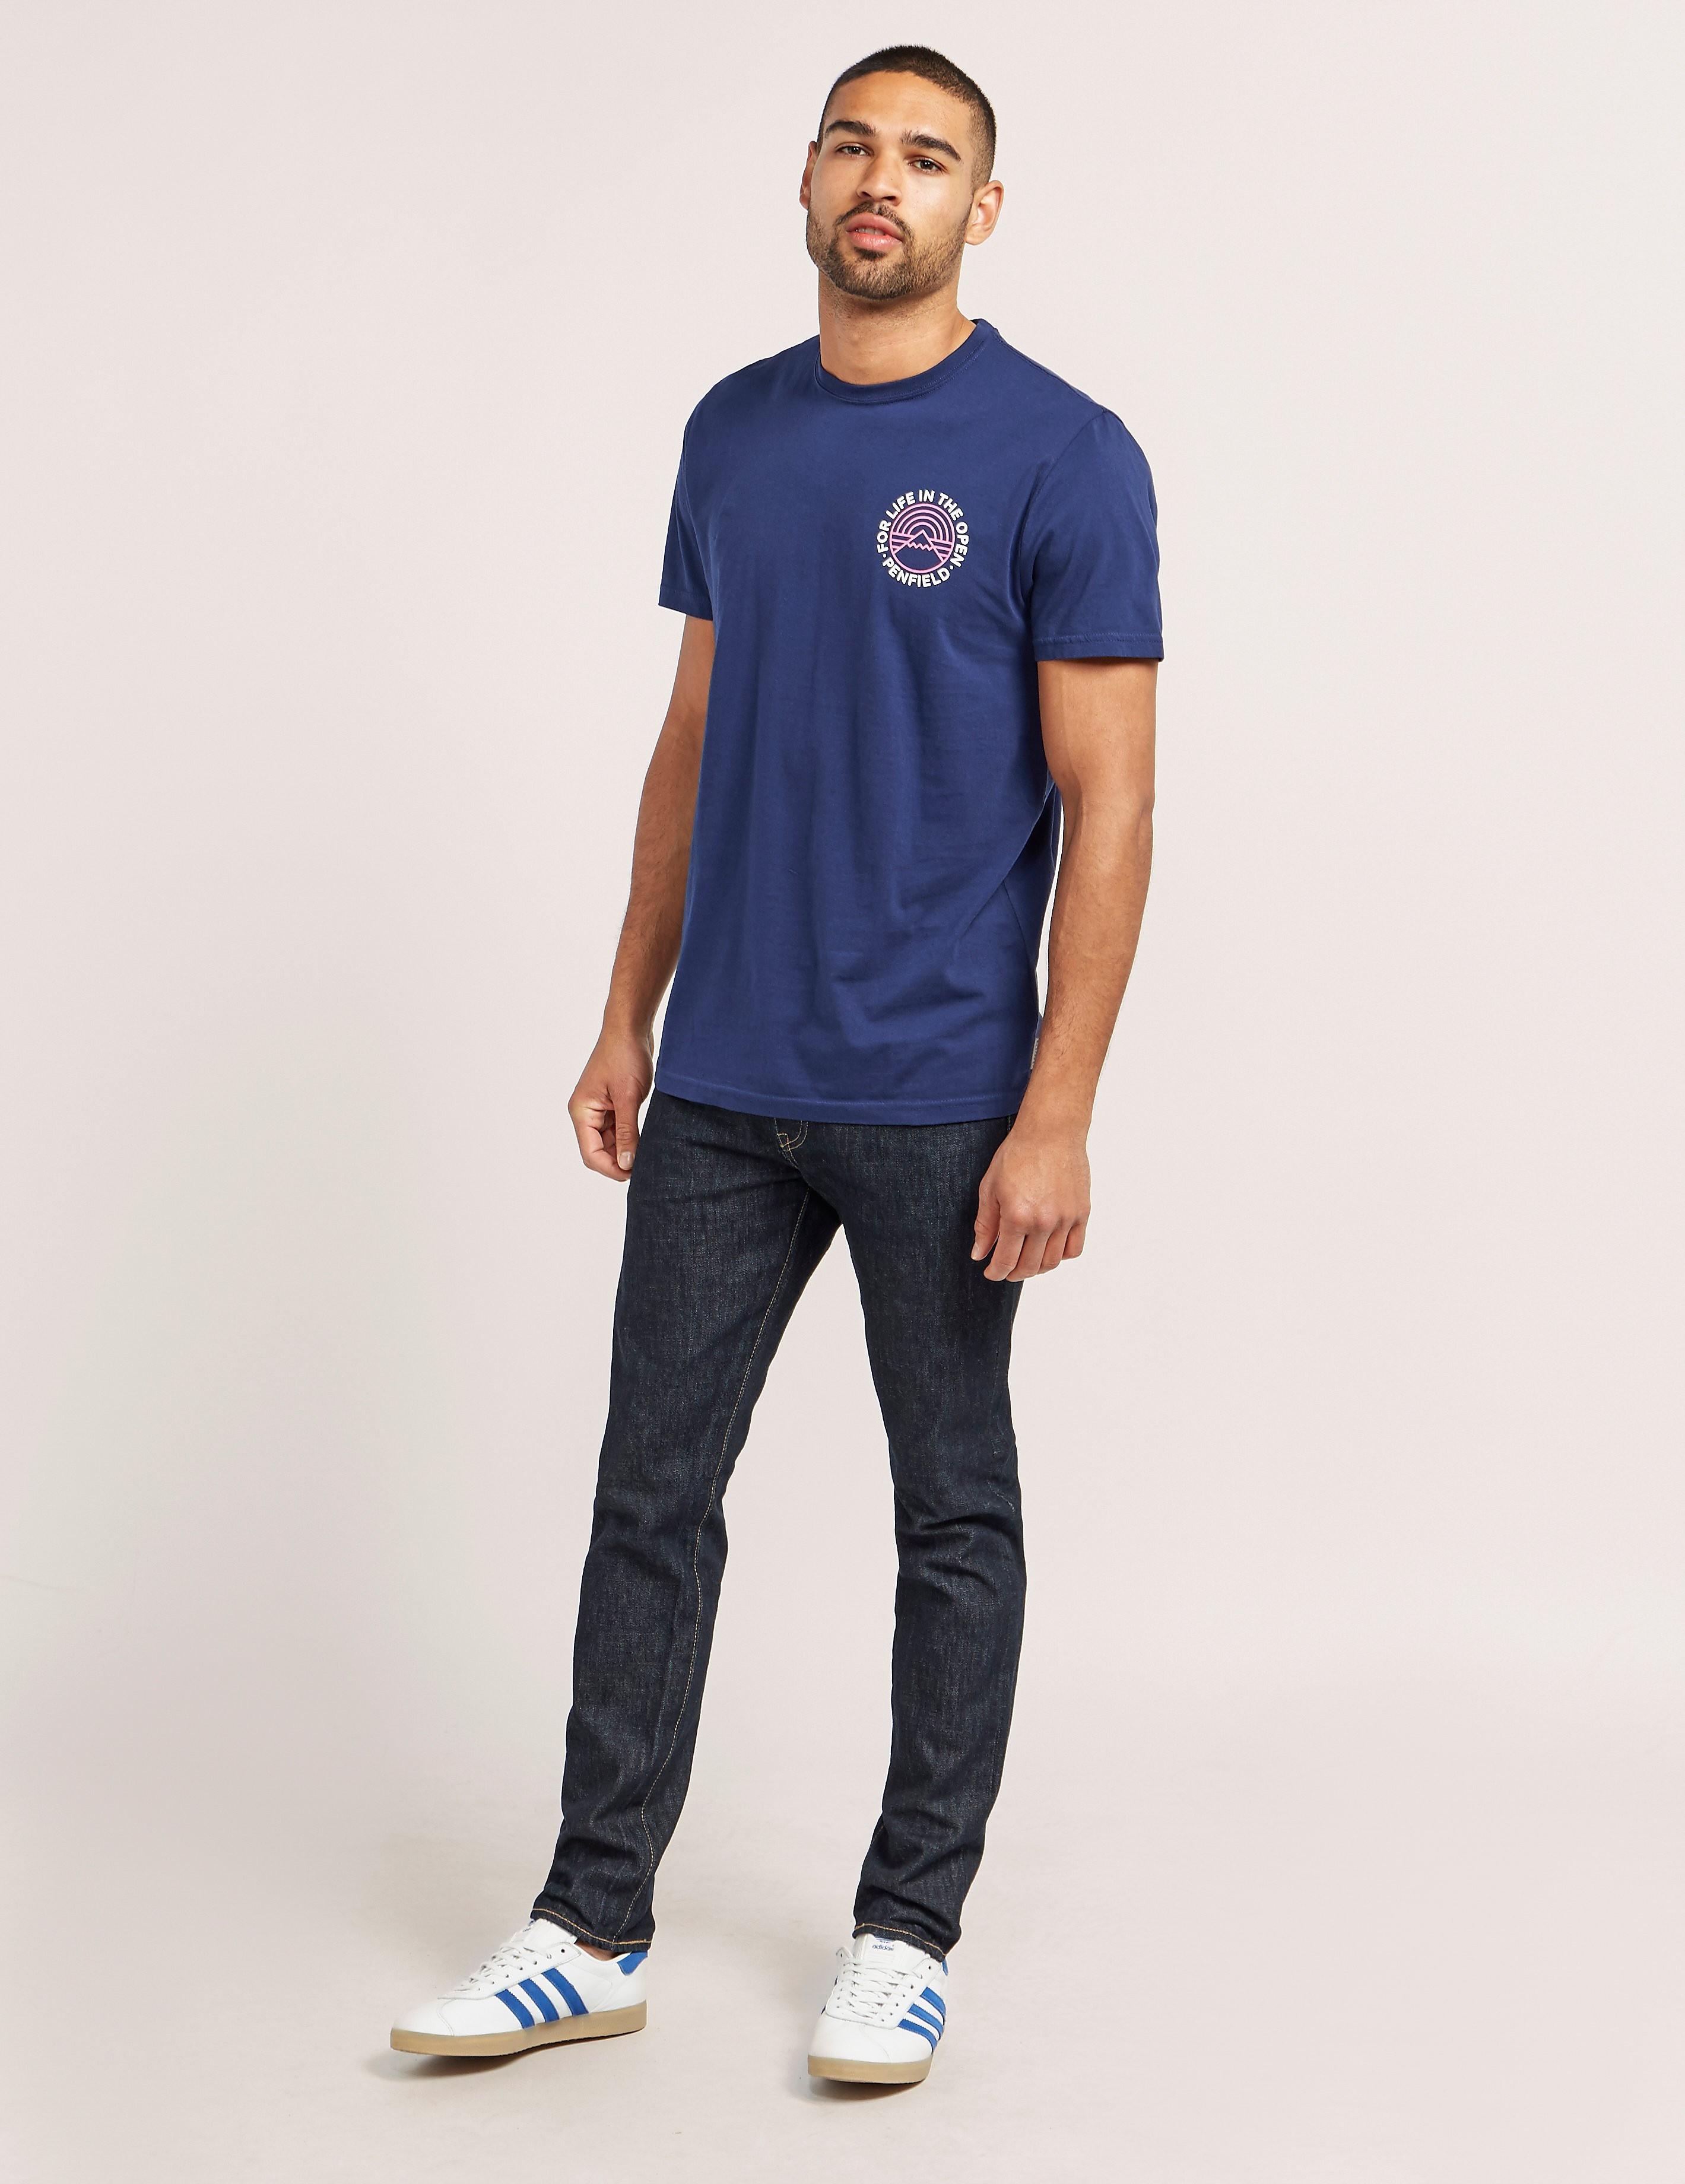 Penfield Emblem Short Sleeve T-Shirt